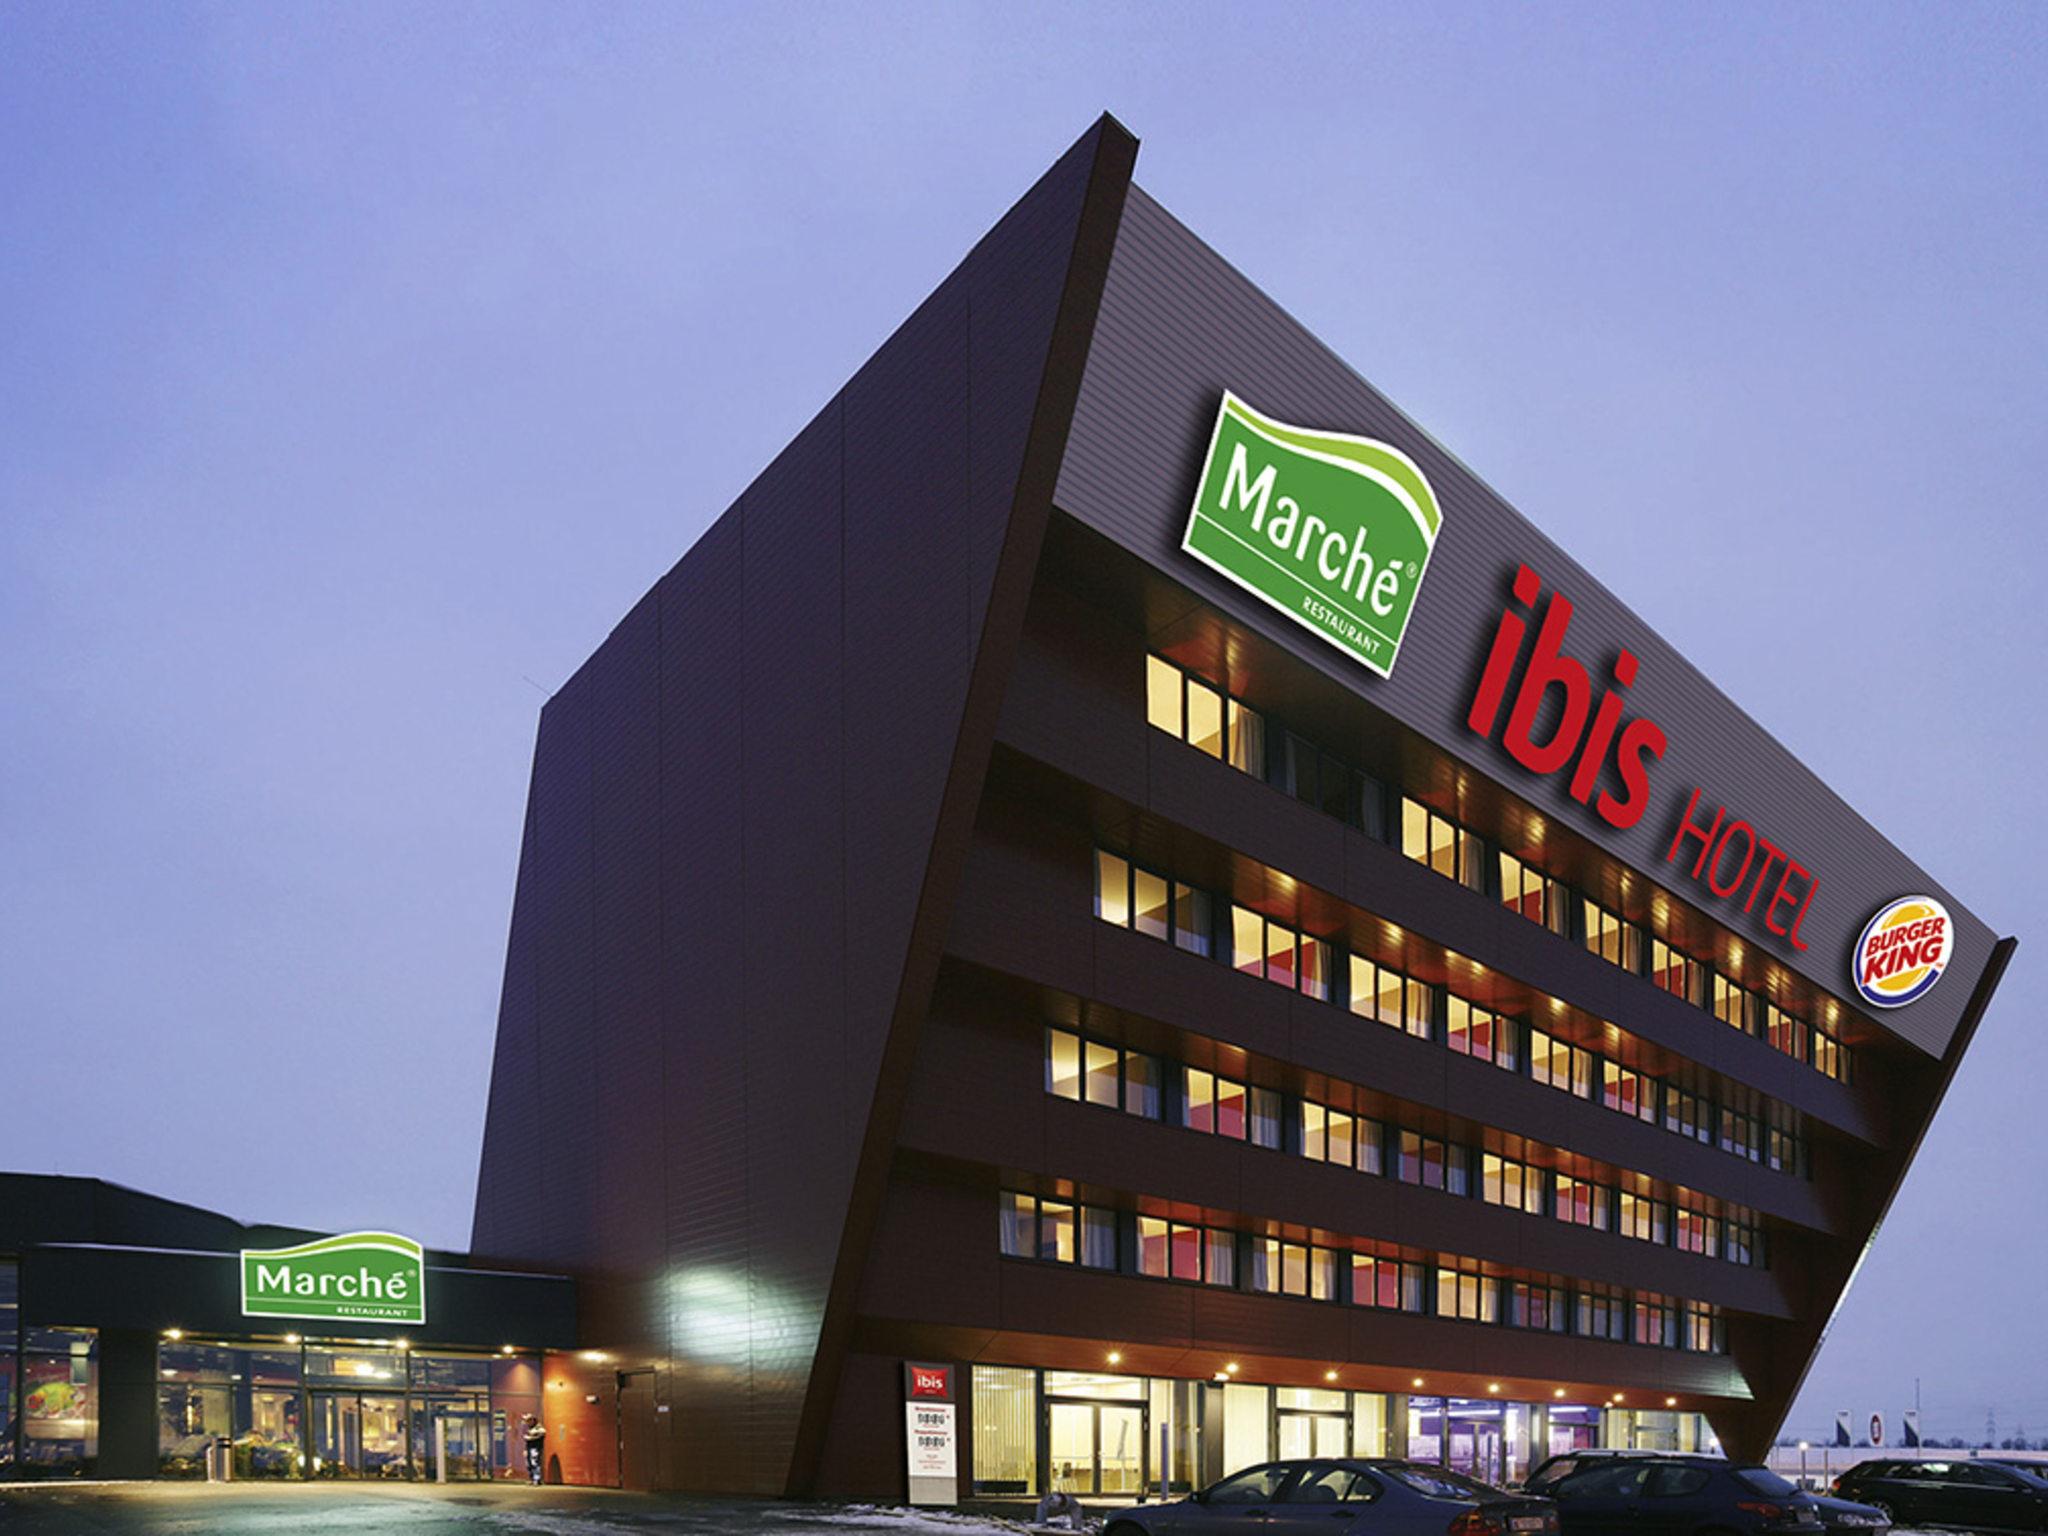 Ibis Vienna Hotel